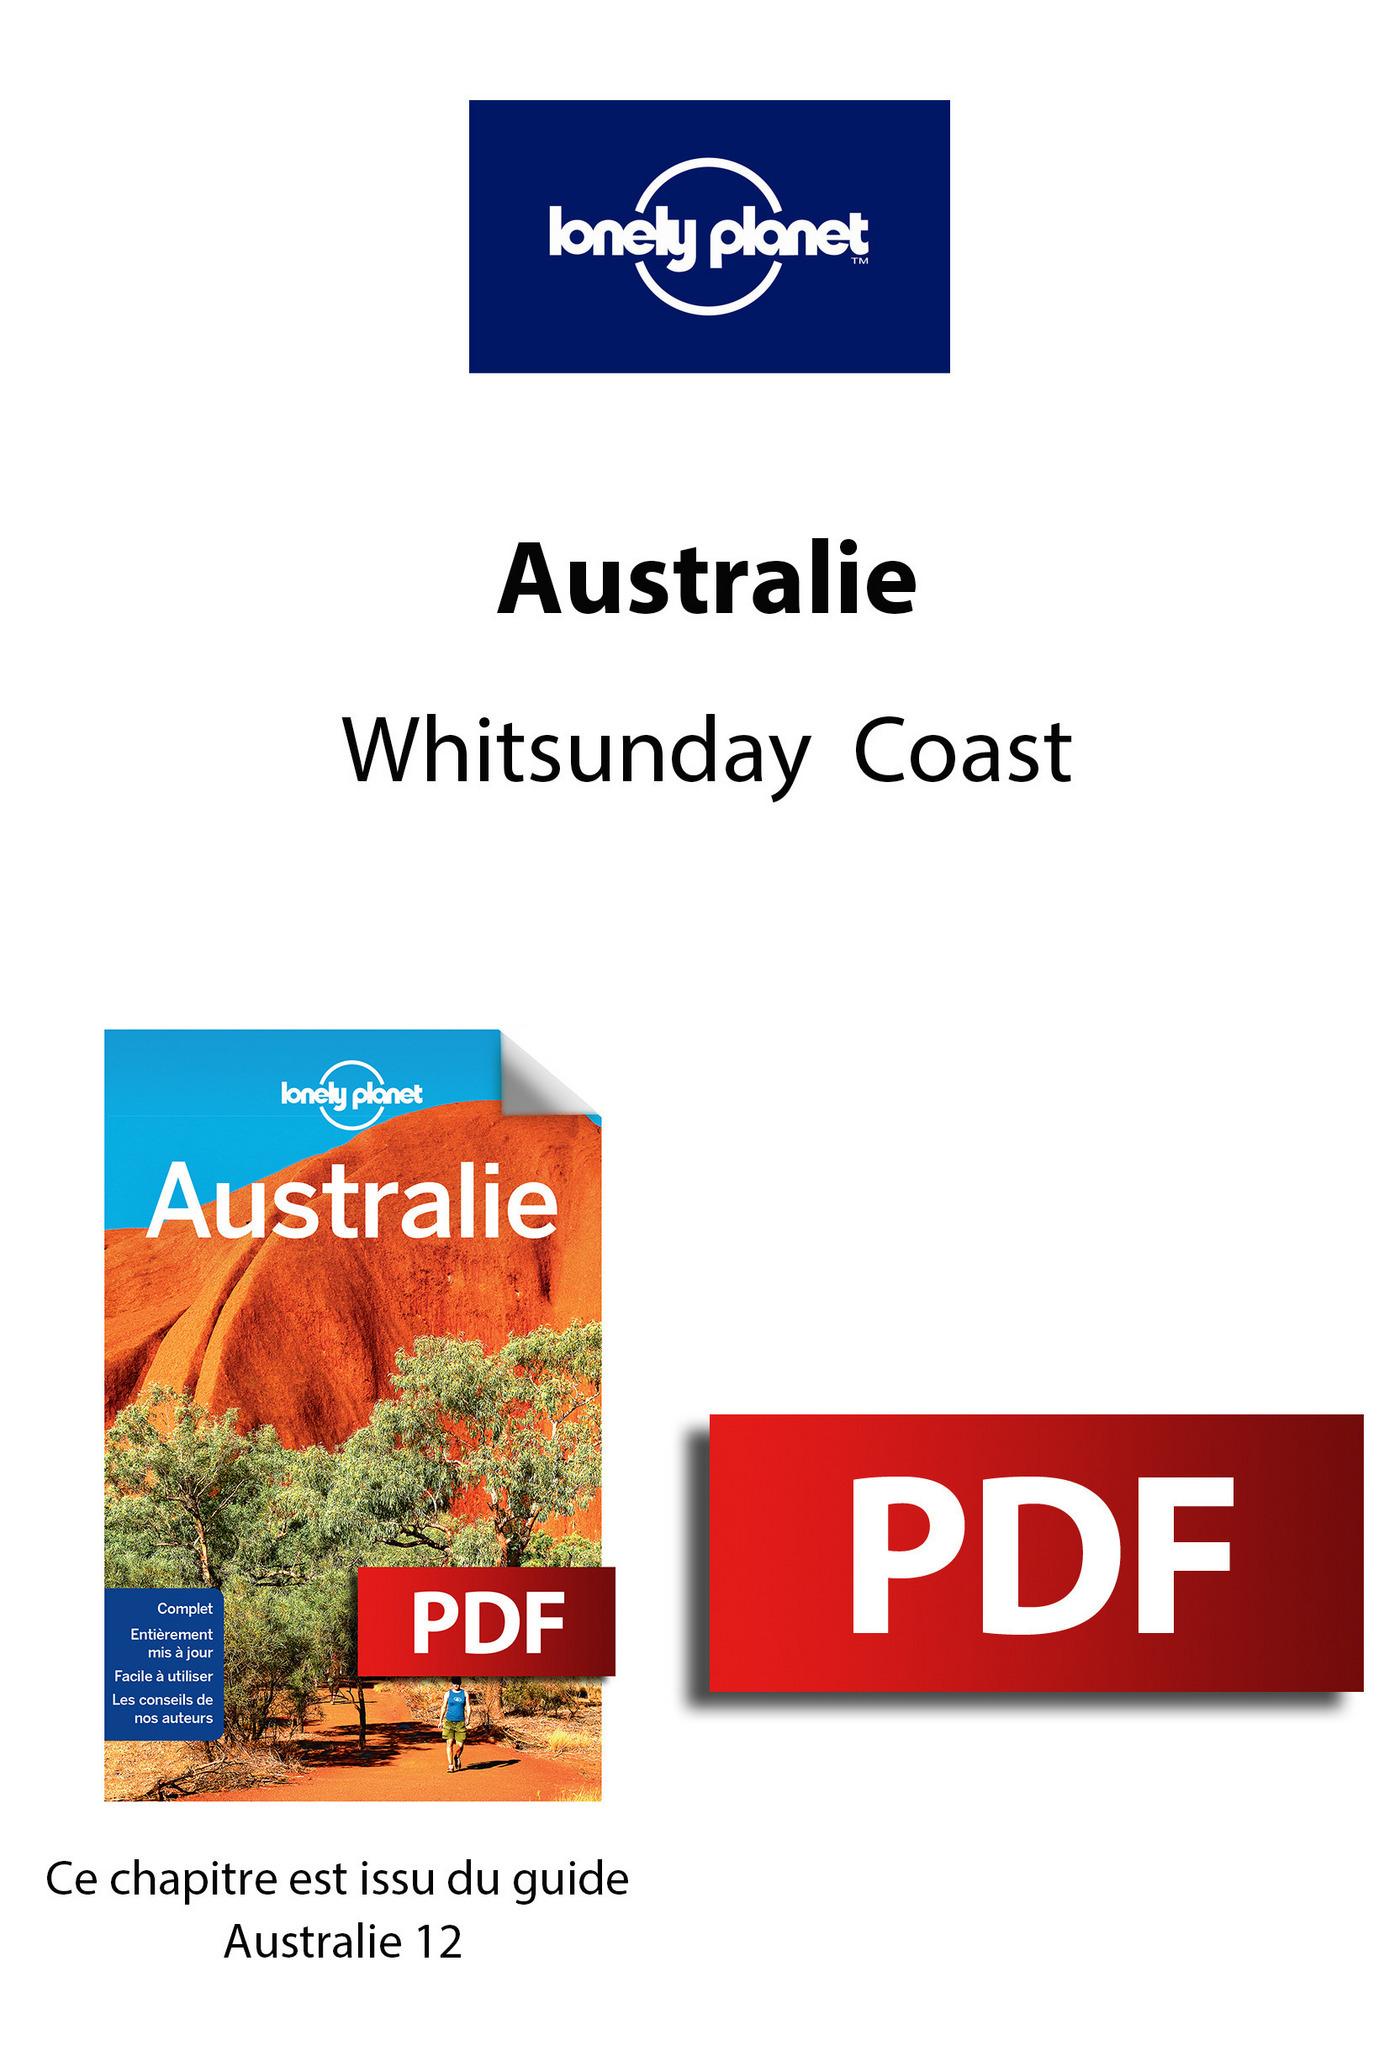 Australie - Whitsunday Coast